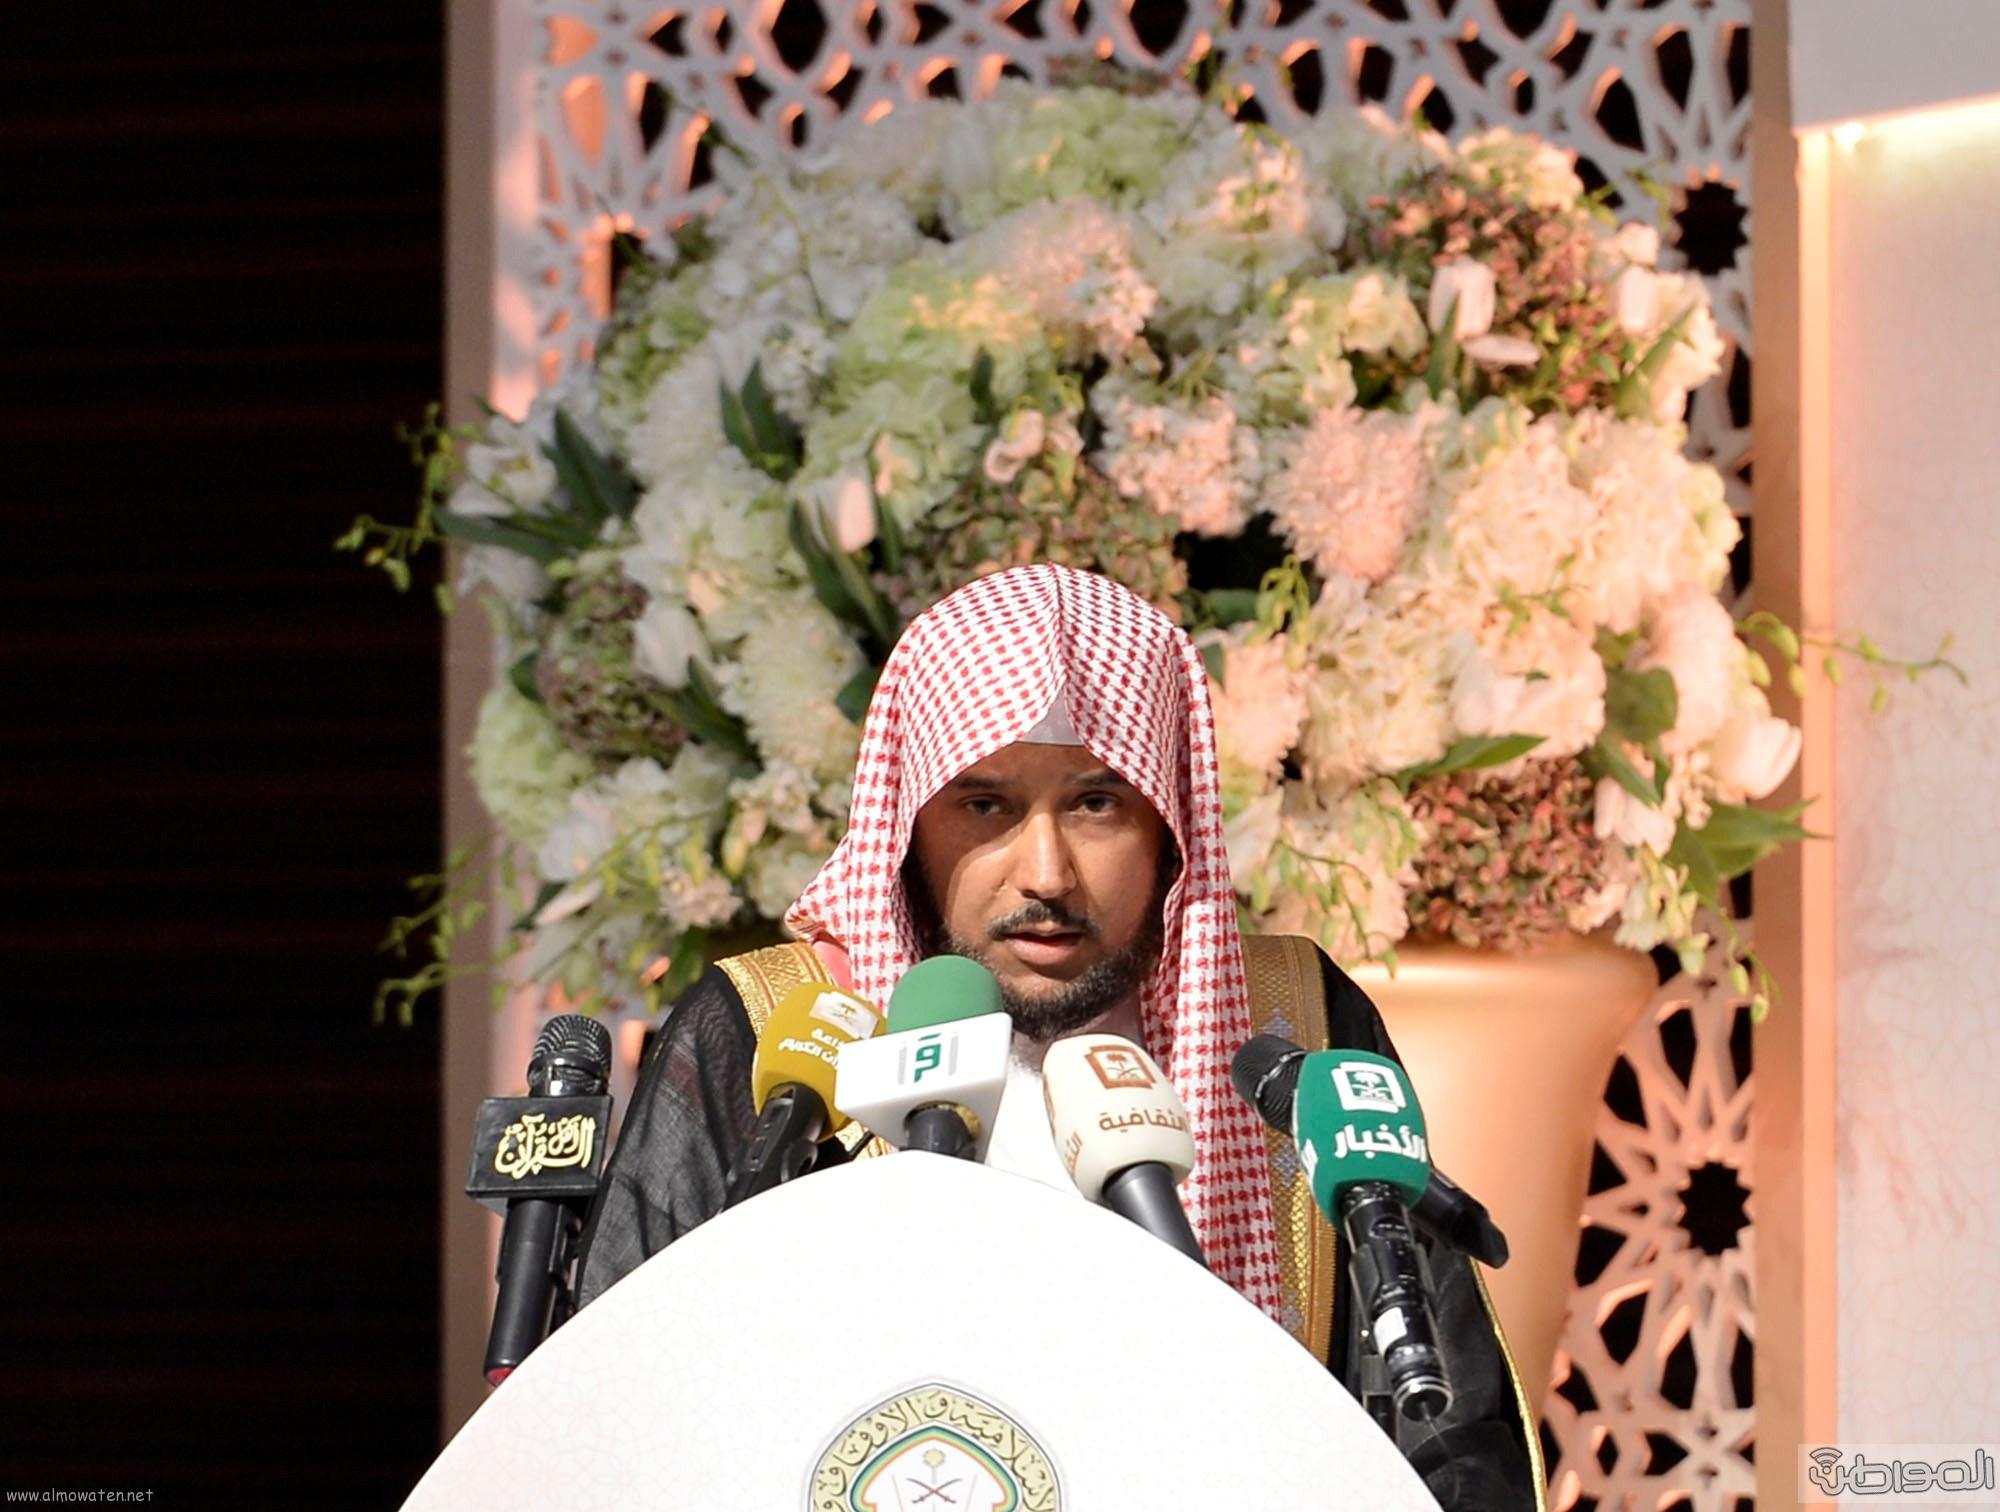 امير منطقة الرياض يرعى حفل اختتام مسابقة جائزة الملك سلمان لحفظ القران الكريم (12)